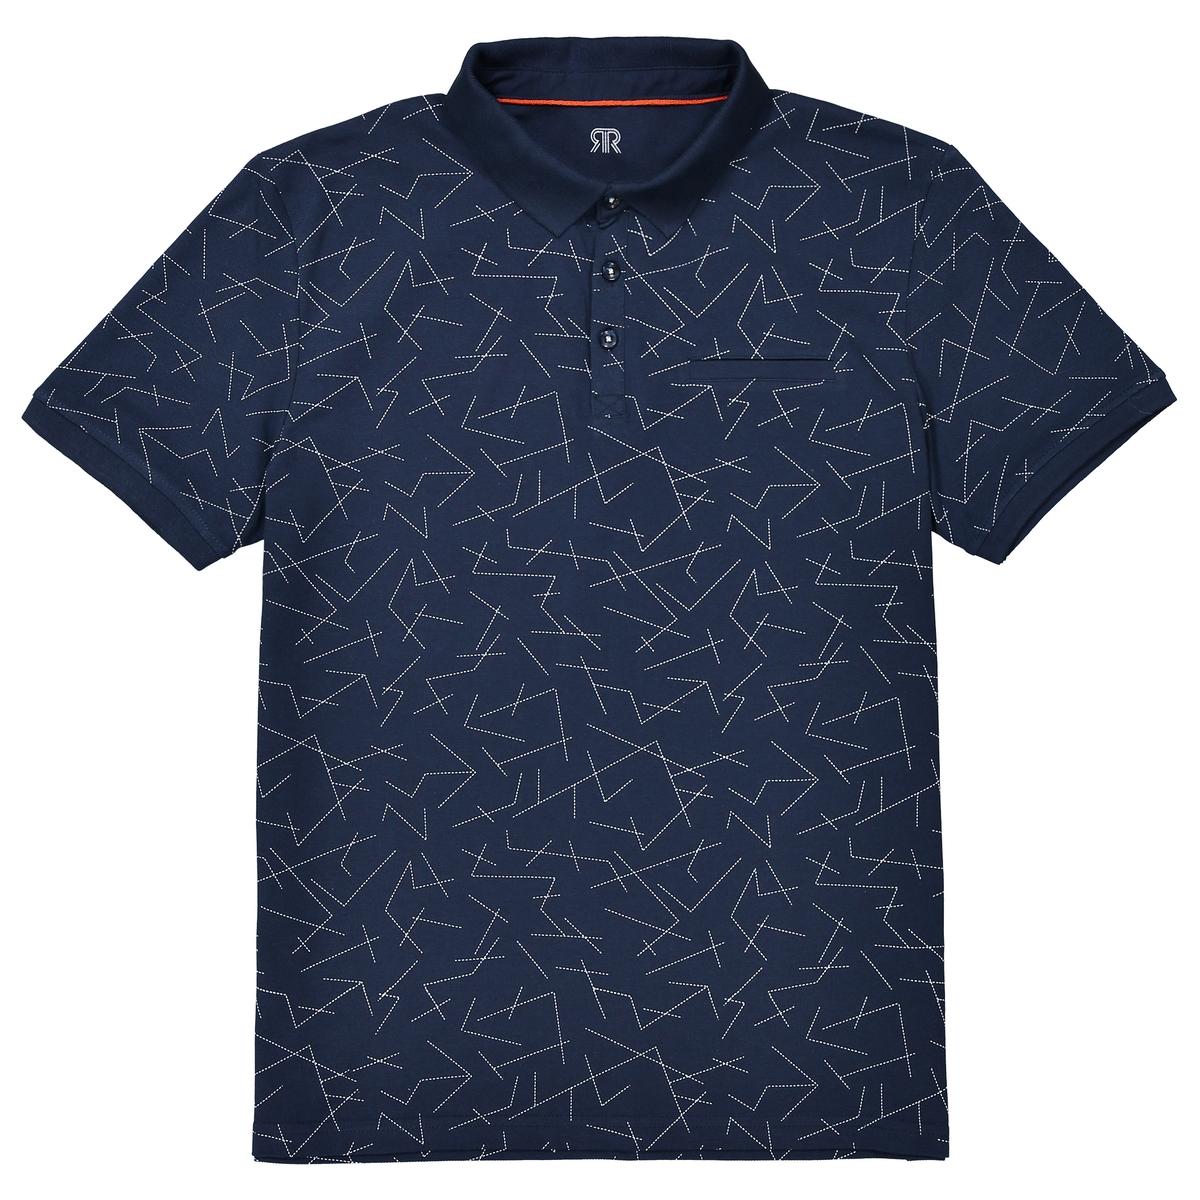 Футболка-поло с рисунком футболка поло fred perry m3600 f78